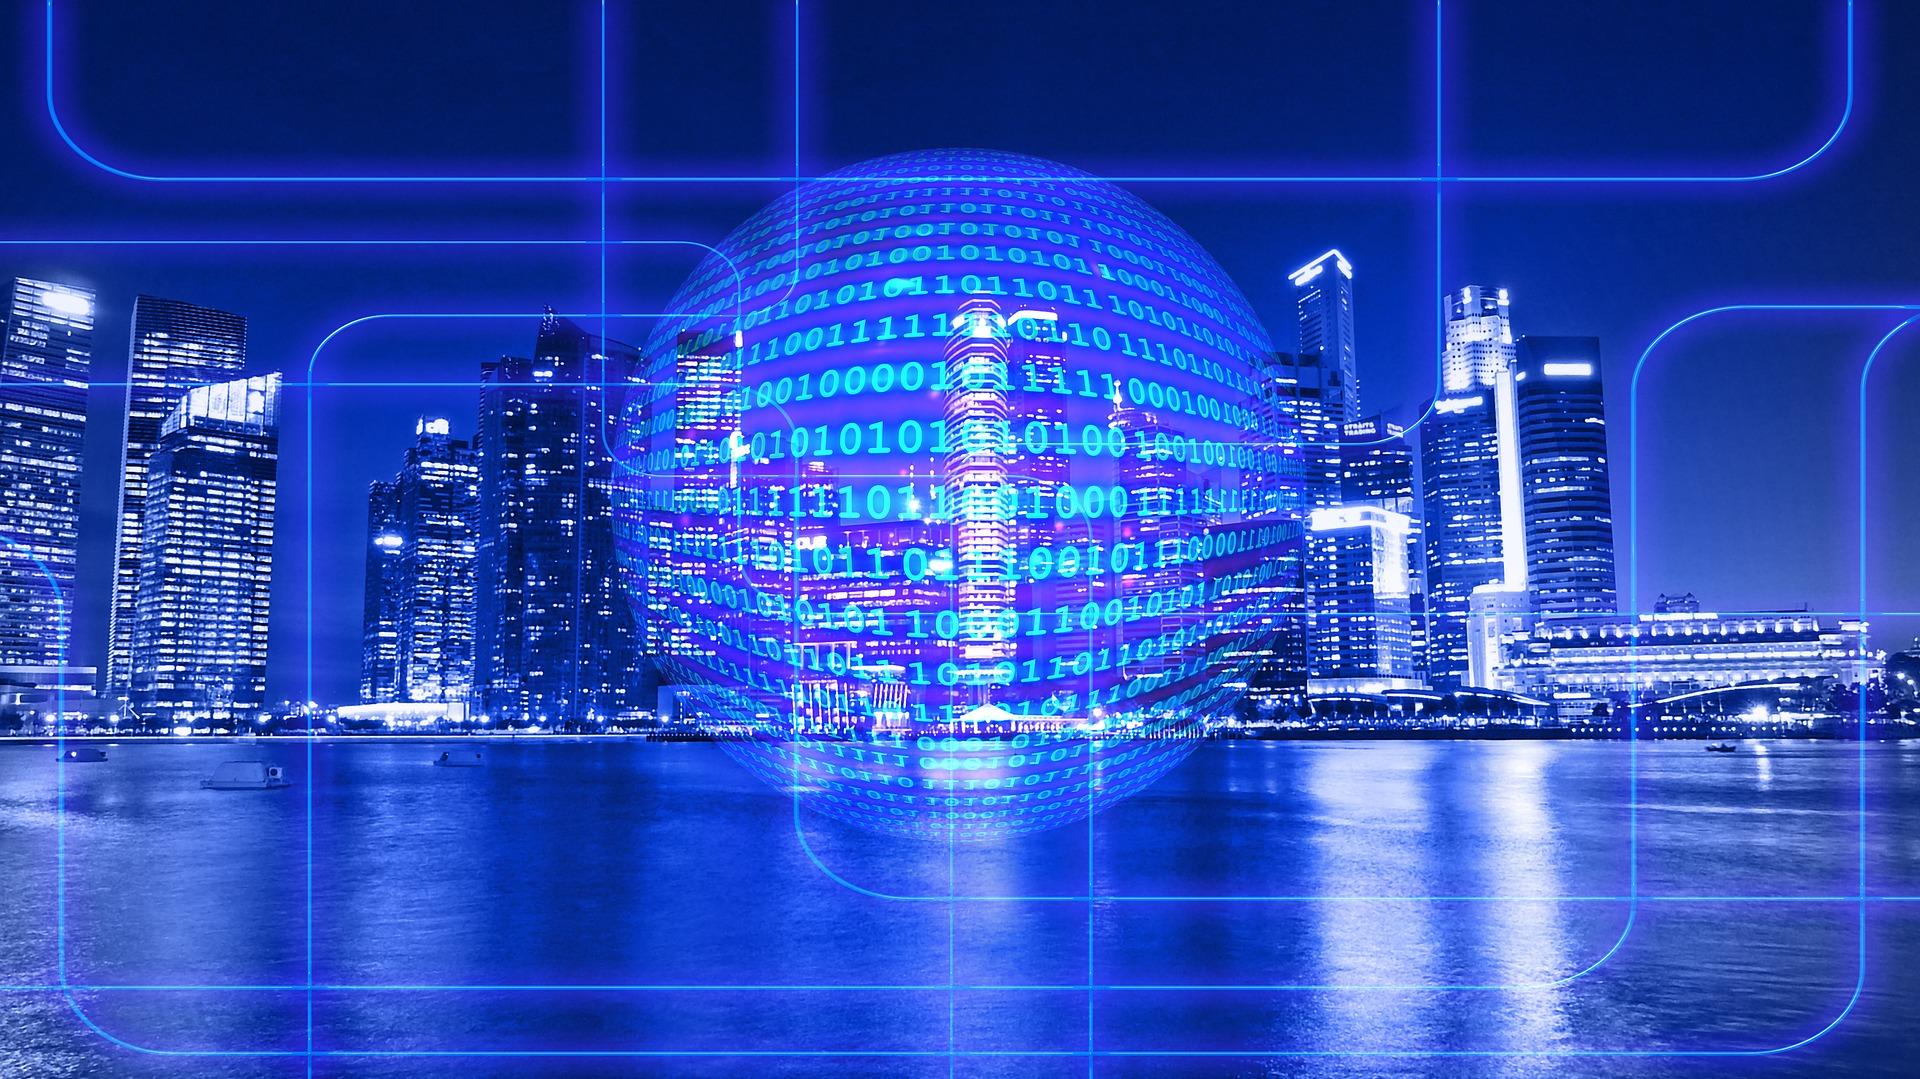 Digitalizirano gospodarstvo: Zdaj je pravi čas za sproščanje tehnologije